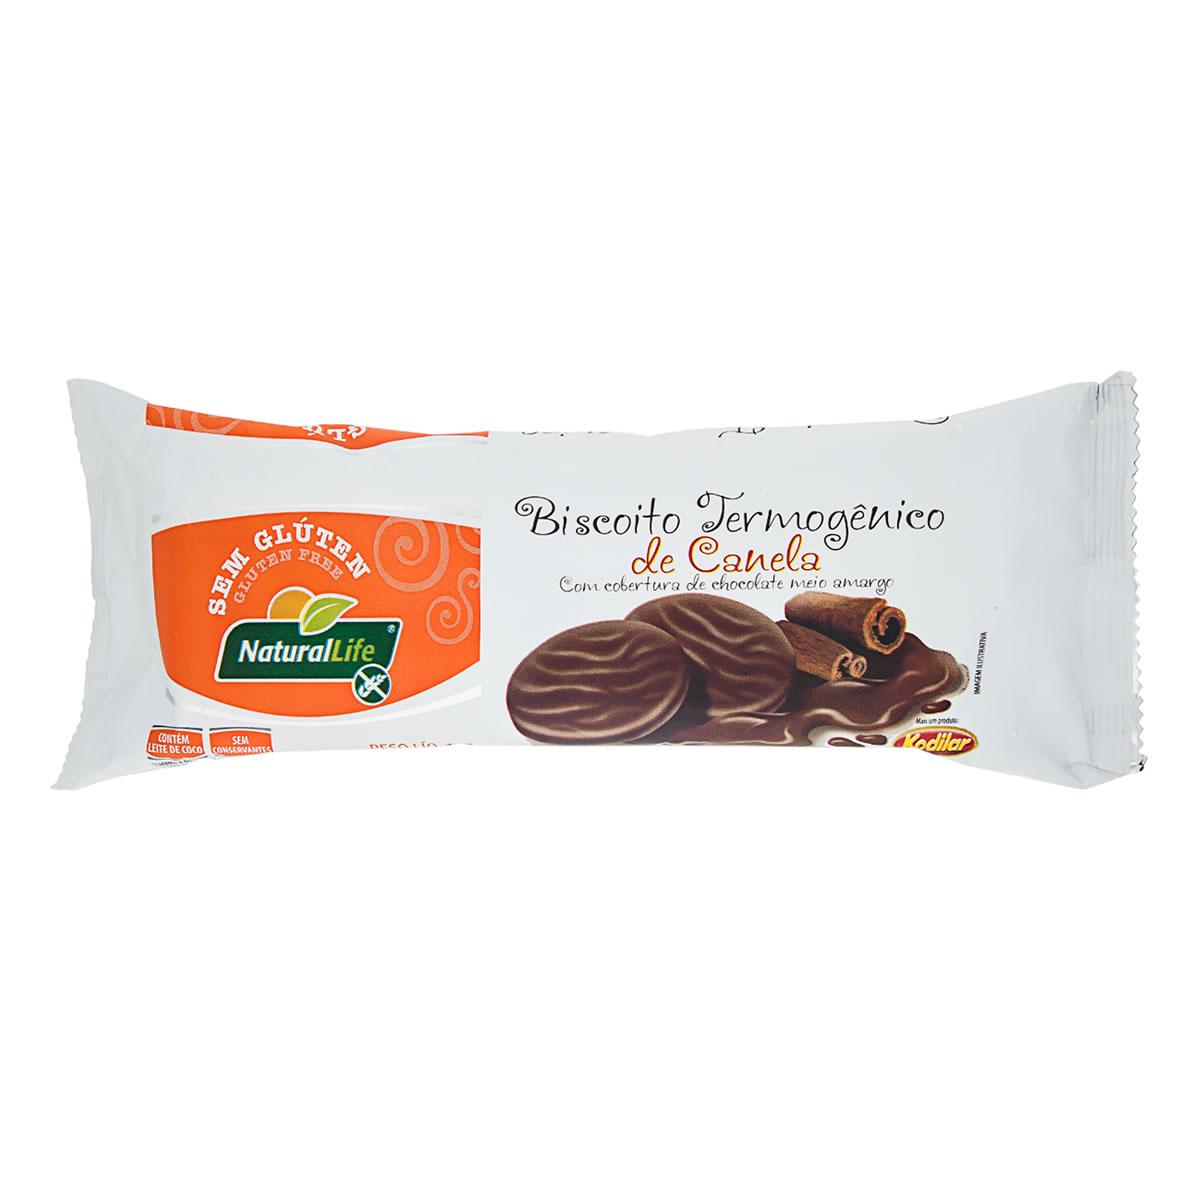 Biscoito Termogênico Sabor Canela Coberto com Chocolate Meio Amargo Sem Glúten 140g - NaturalLife